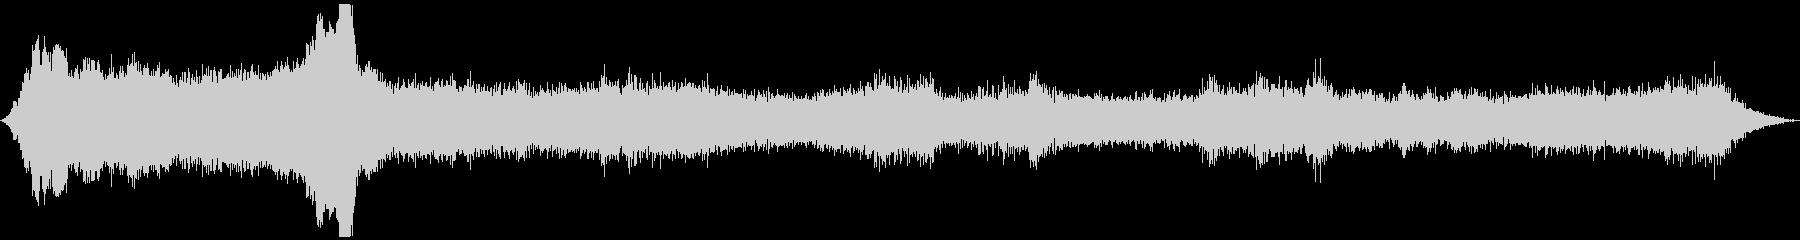 ドローン リング01の未再生の波形